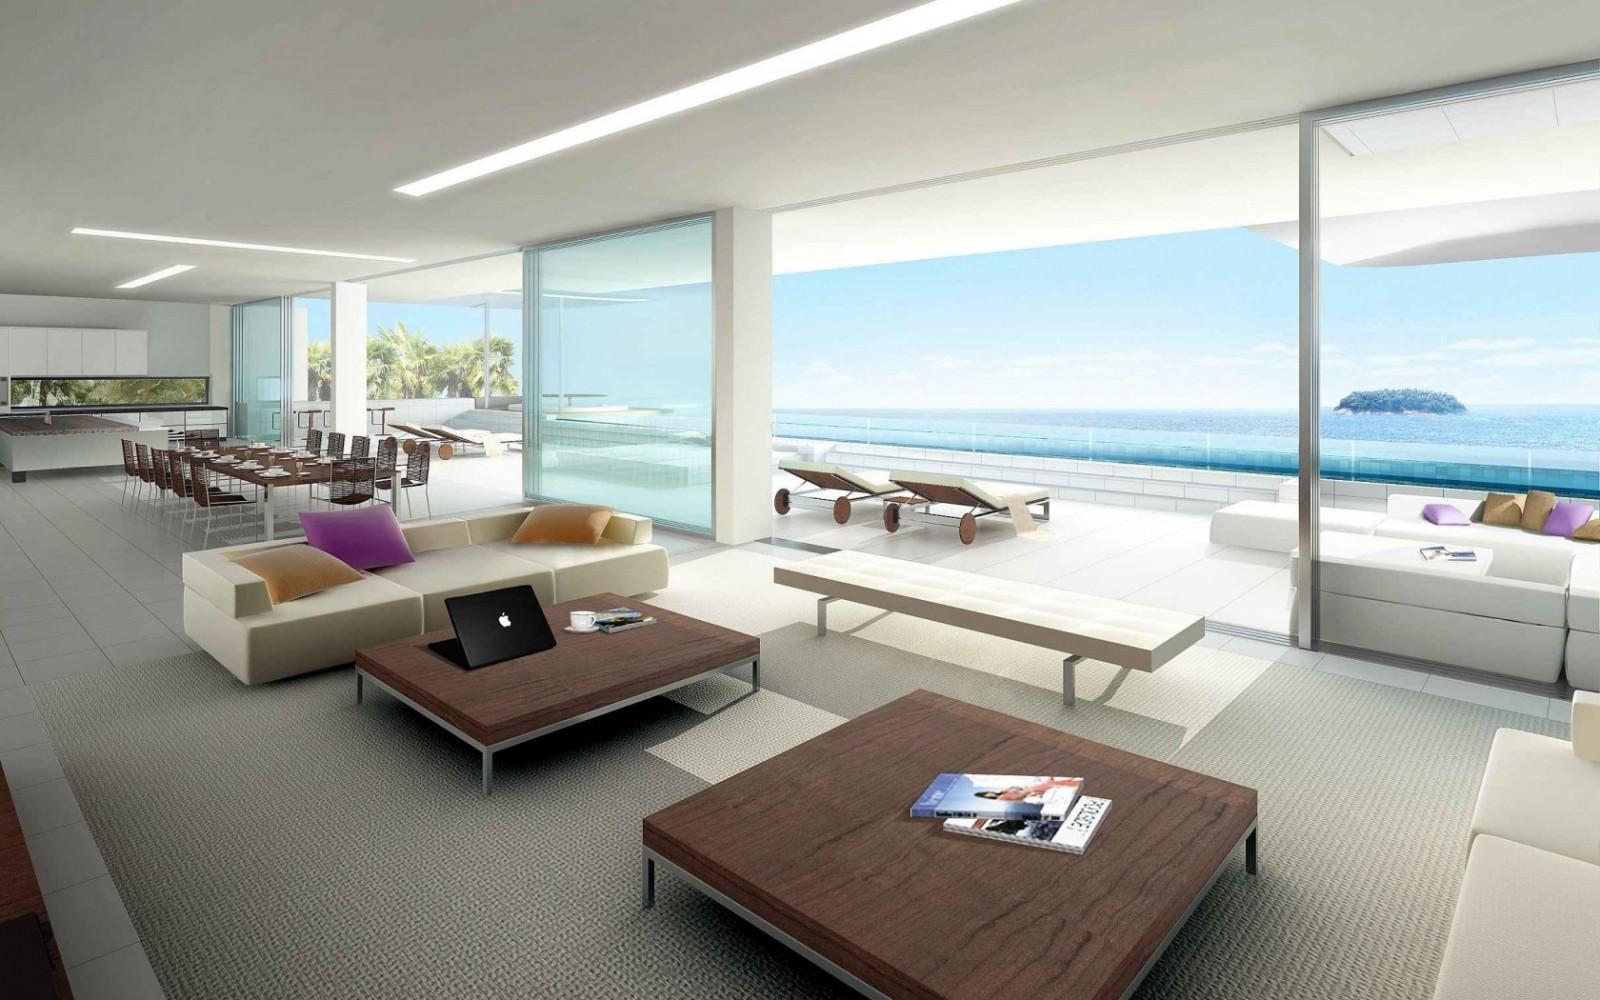 배경 화면 : 방, 내부, 현대, 요트, 인테리어 디자인, 재산, 바닥 ...